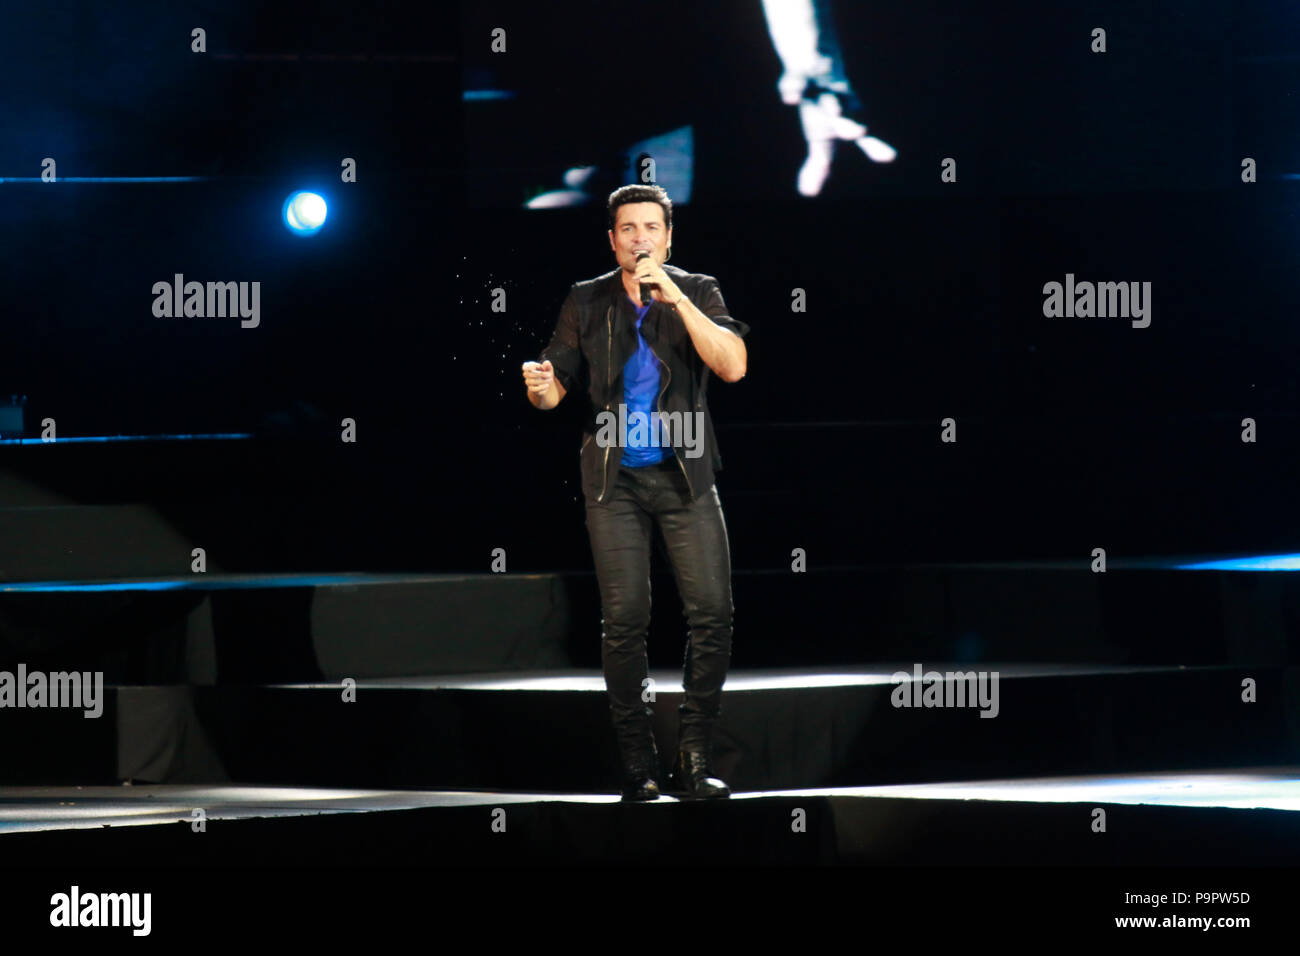 El cantante, actor y bailarín puertorriqueño Chayanne , durante su concierto en el Anfiteatro AVA de casino del Sol en Tucson, Arizona, el 4 de sep Foto de stock